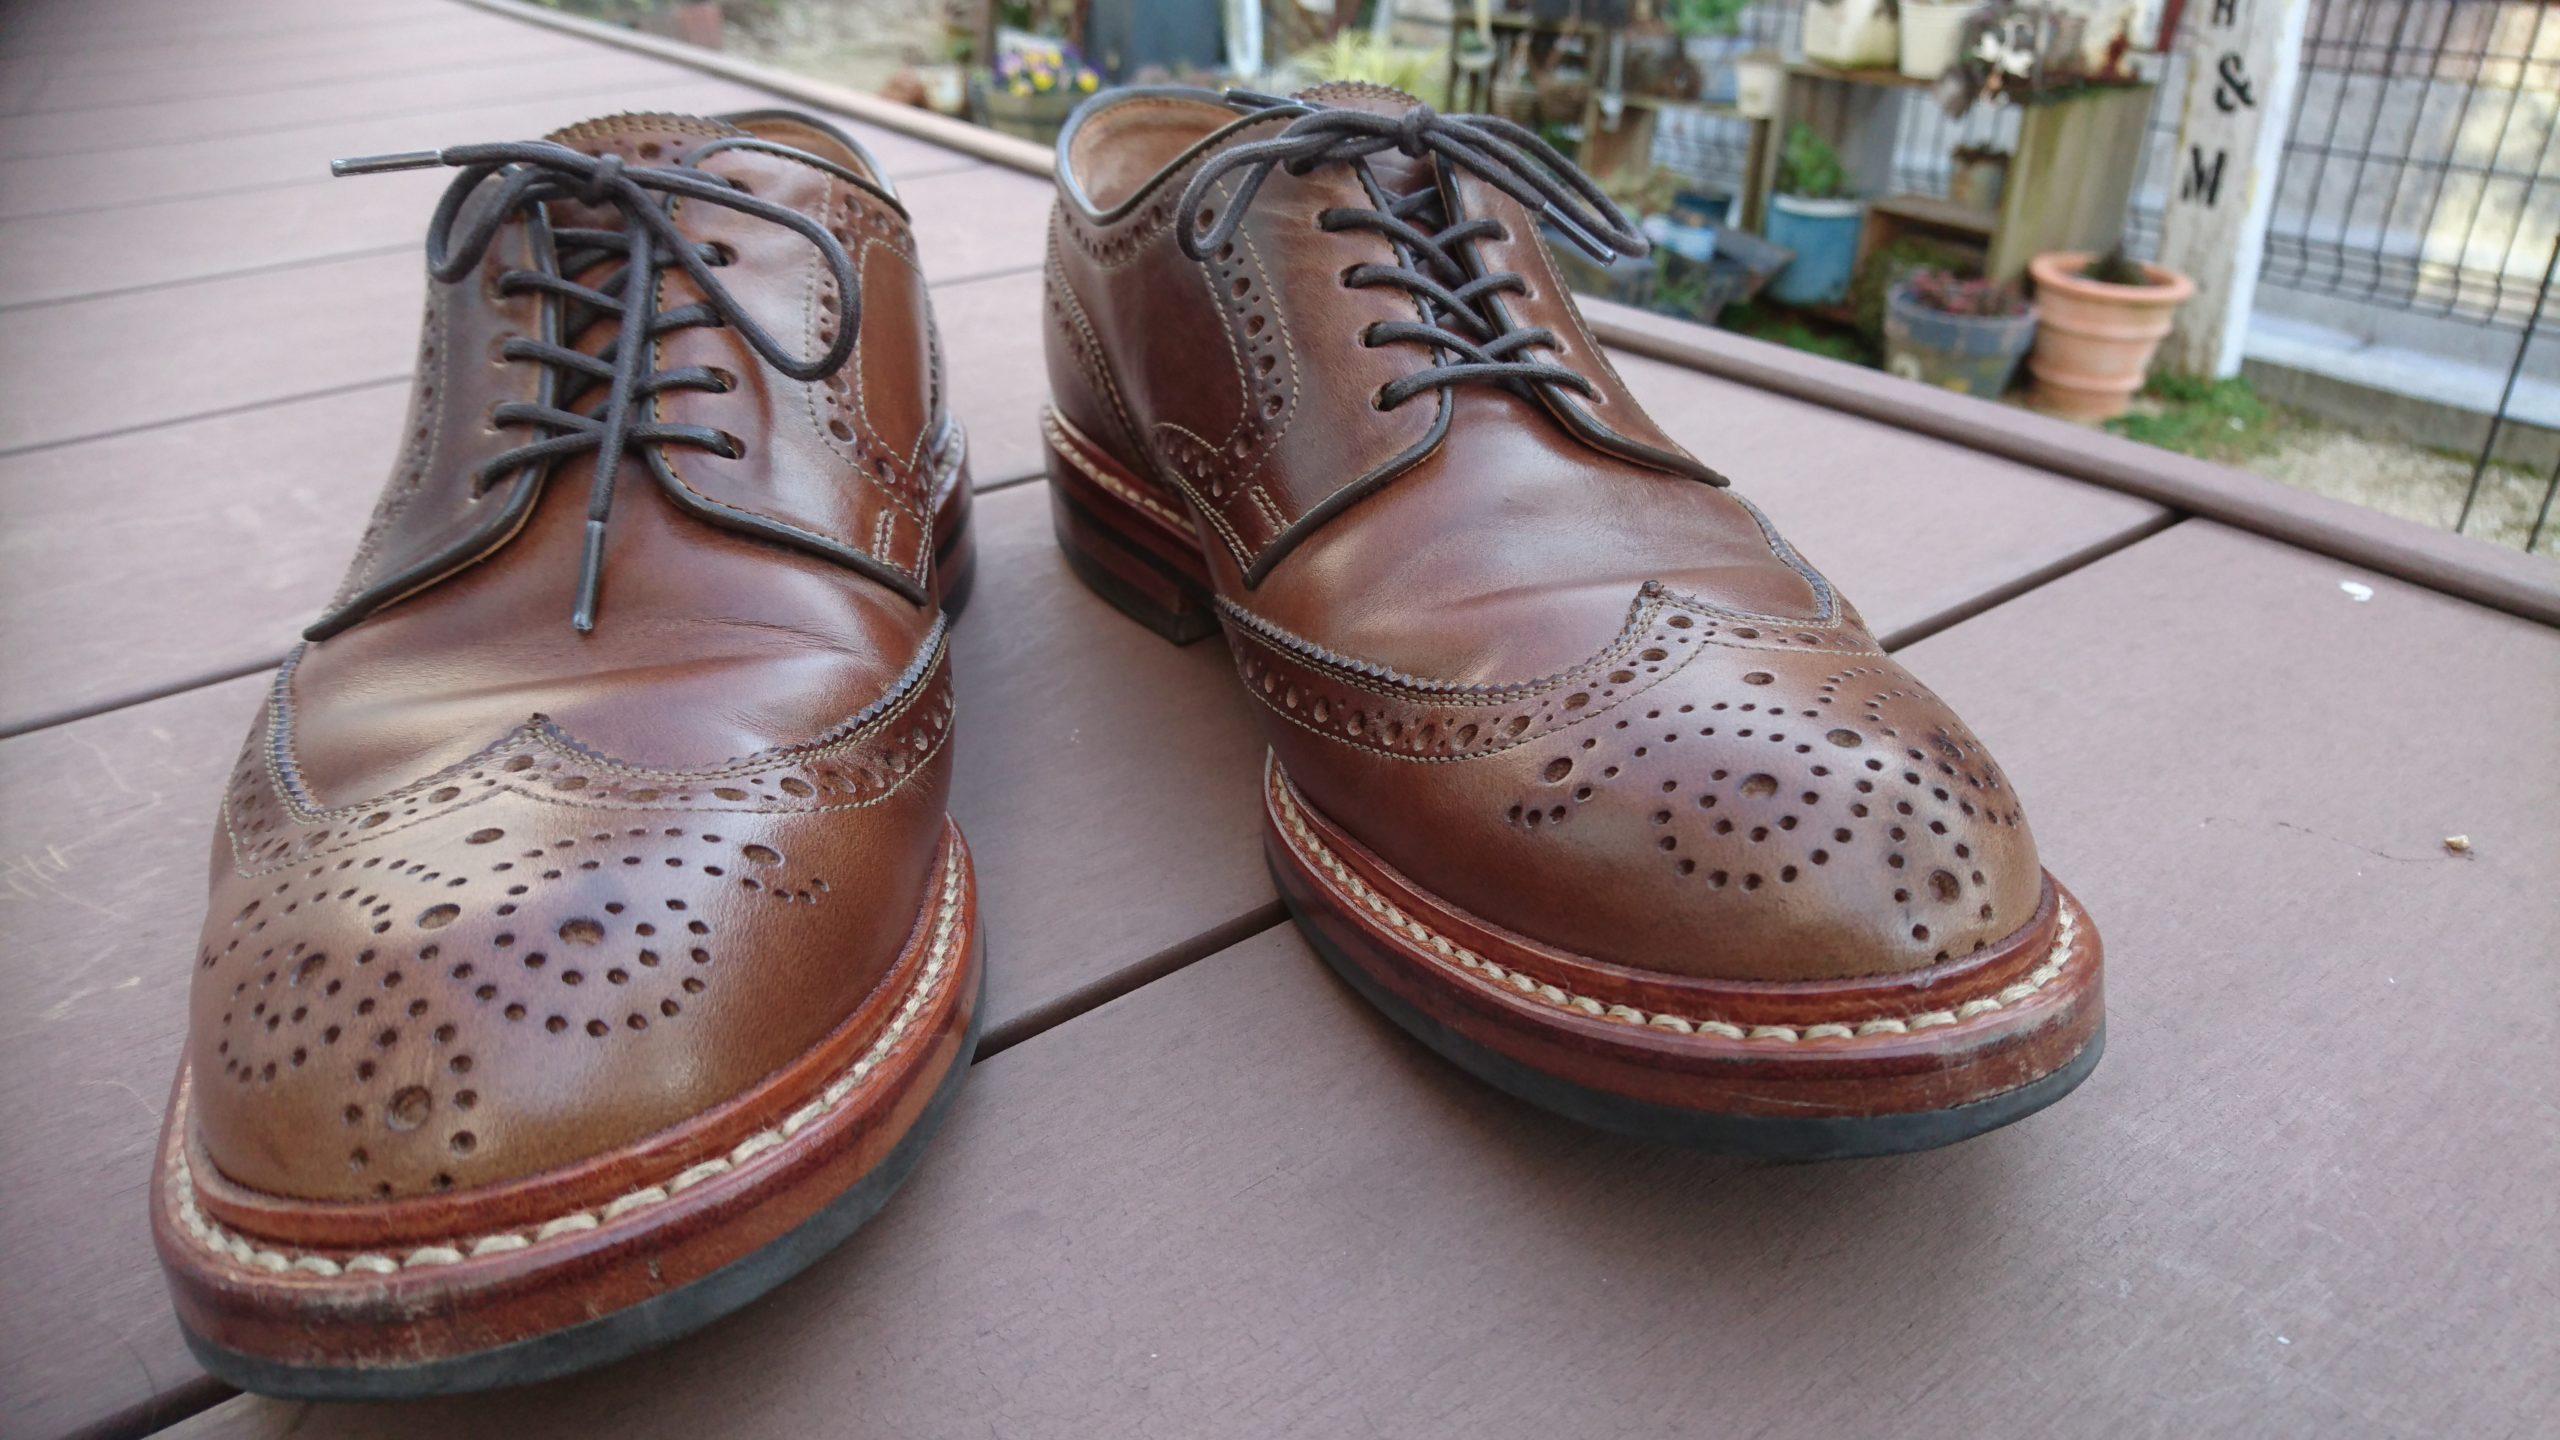 革靴 経年変化 ウィングチップ クロムエクセル ナチュラル